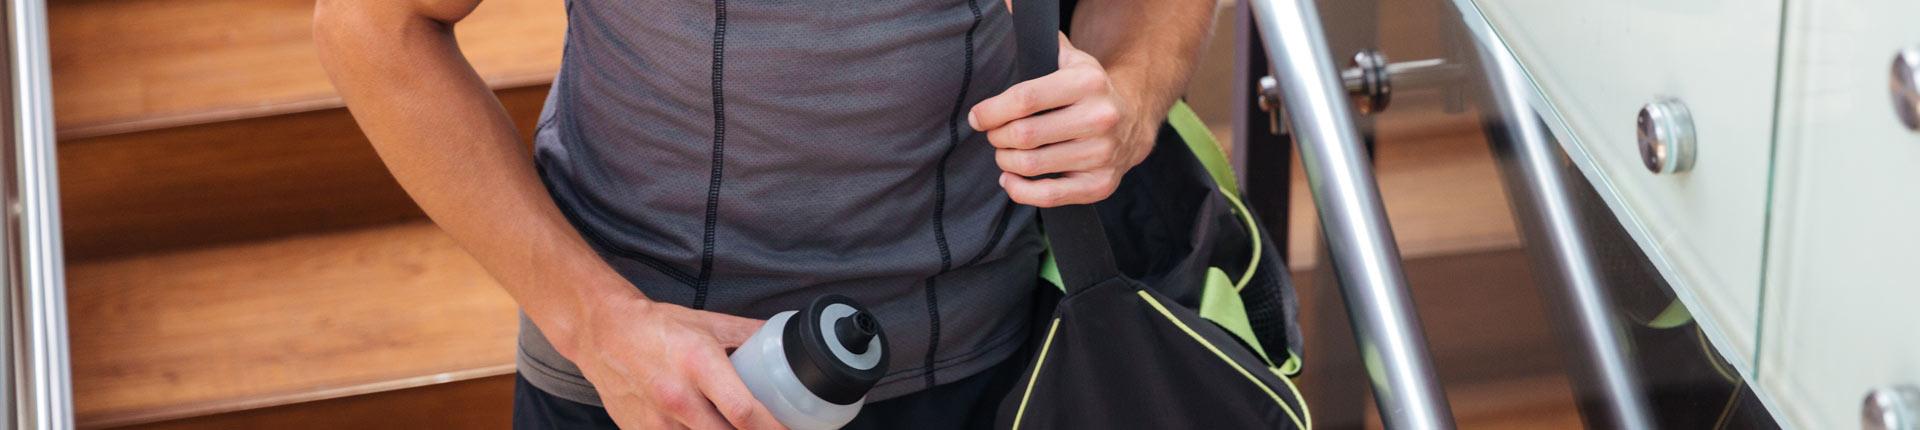 10 akcesoriów treningowych które możesz zabrać ze sobą na siłownię